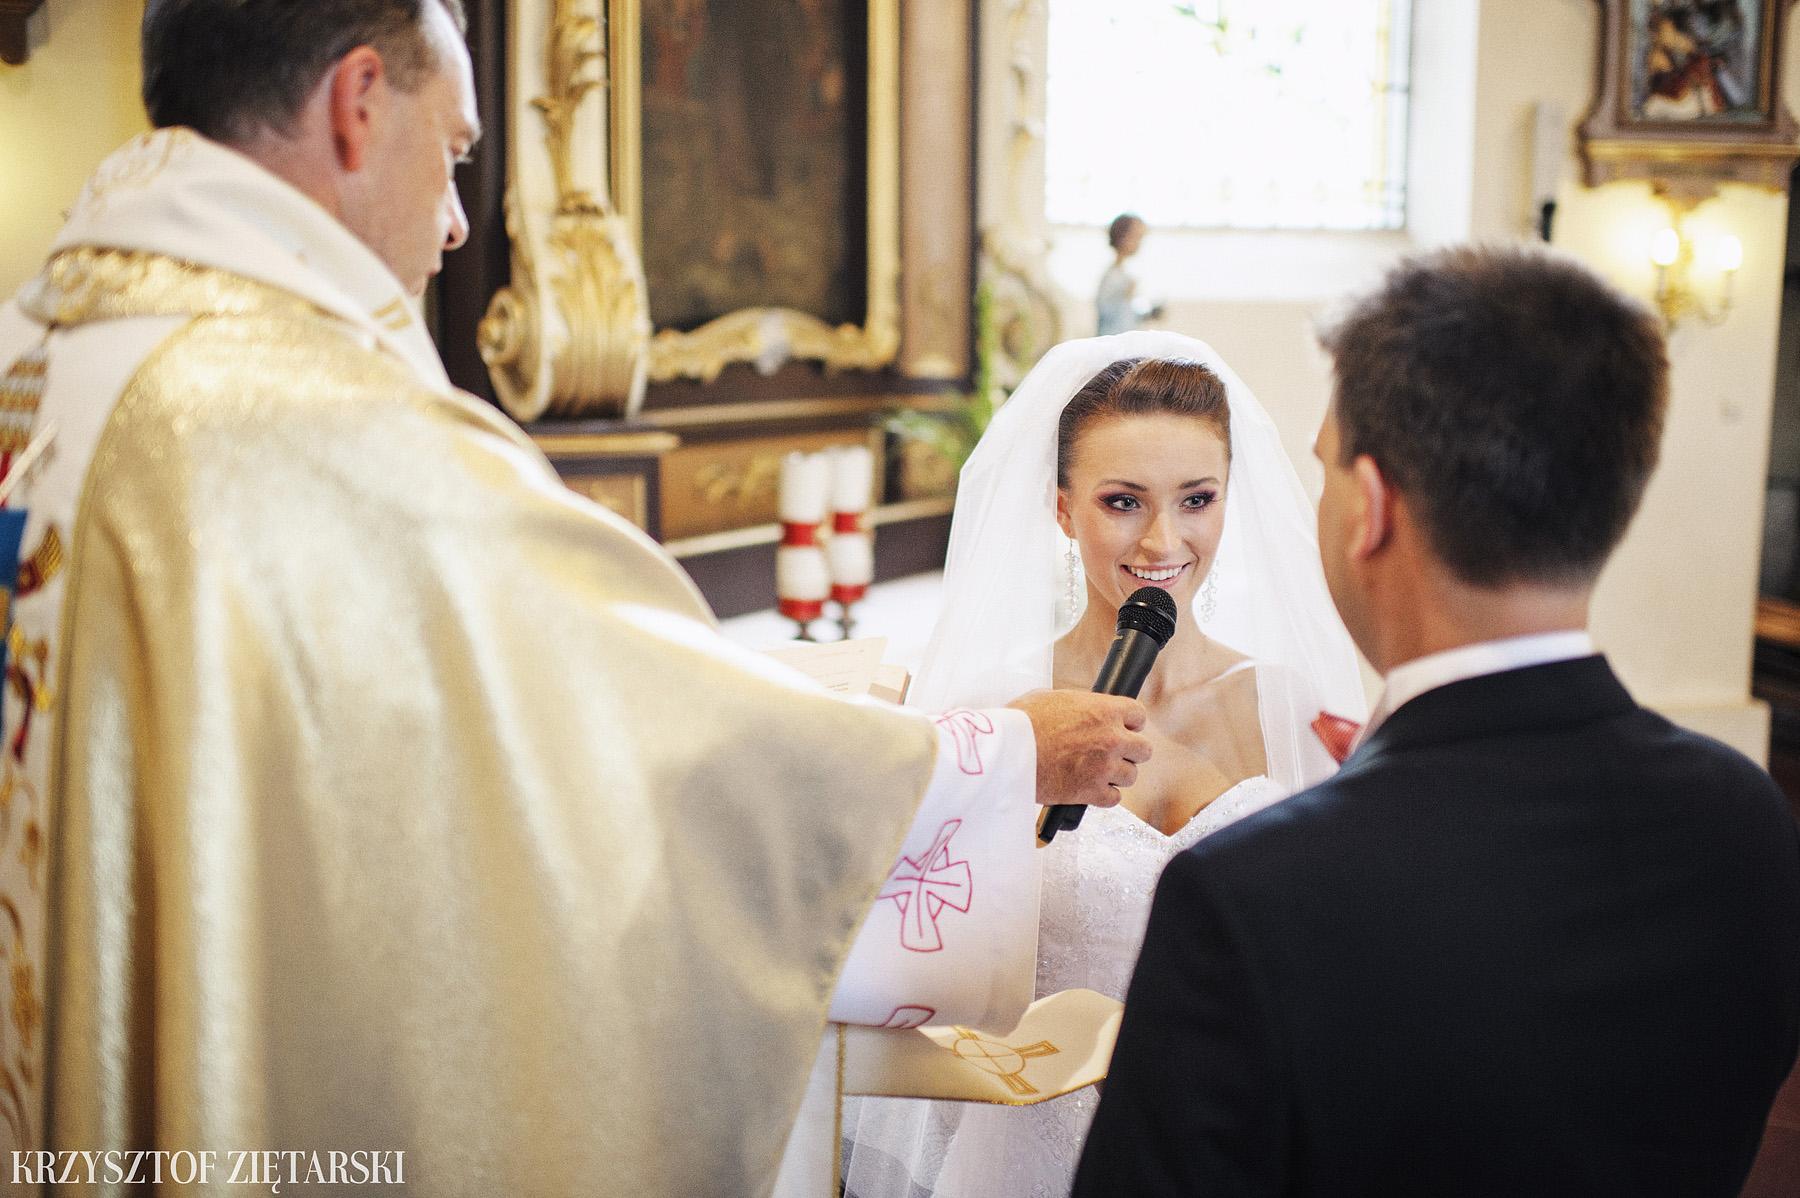 Karolina i Jacek - Fotografia ślubna Gdańsk, Chwaszczyno, Gościniec dla Przyjaciół Wyczechowo Hilary - 12.